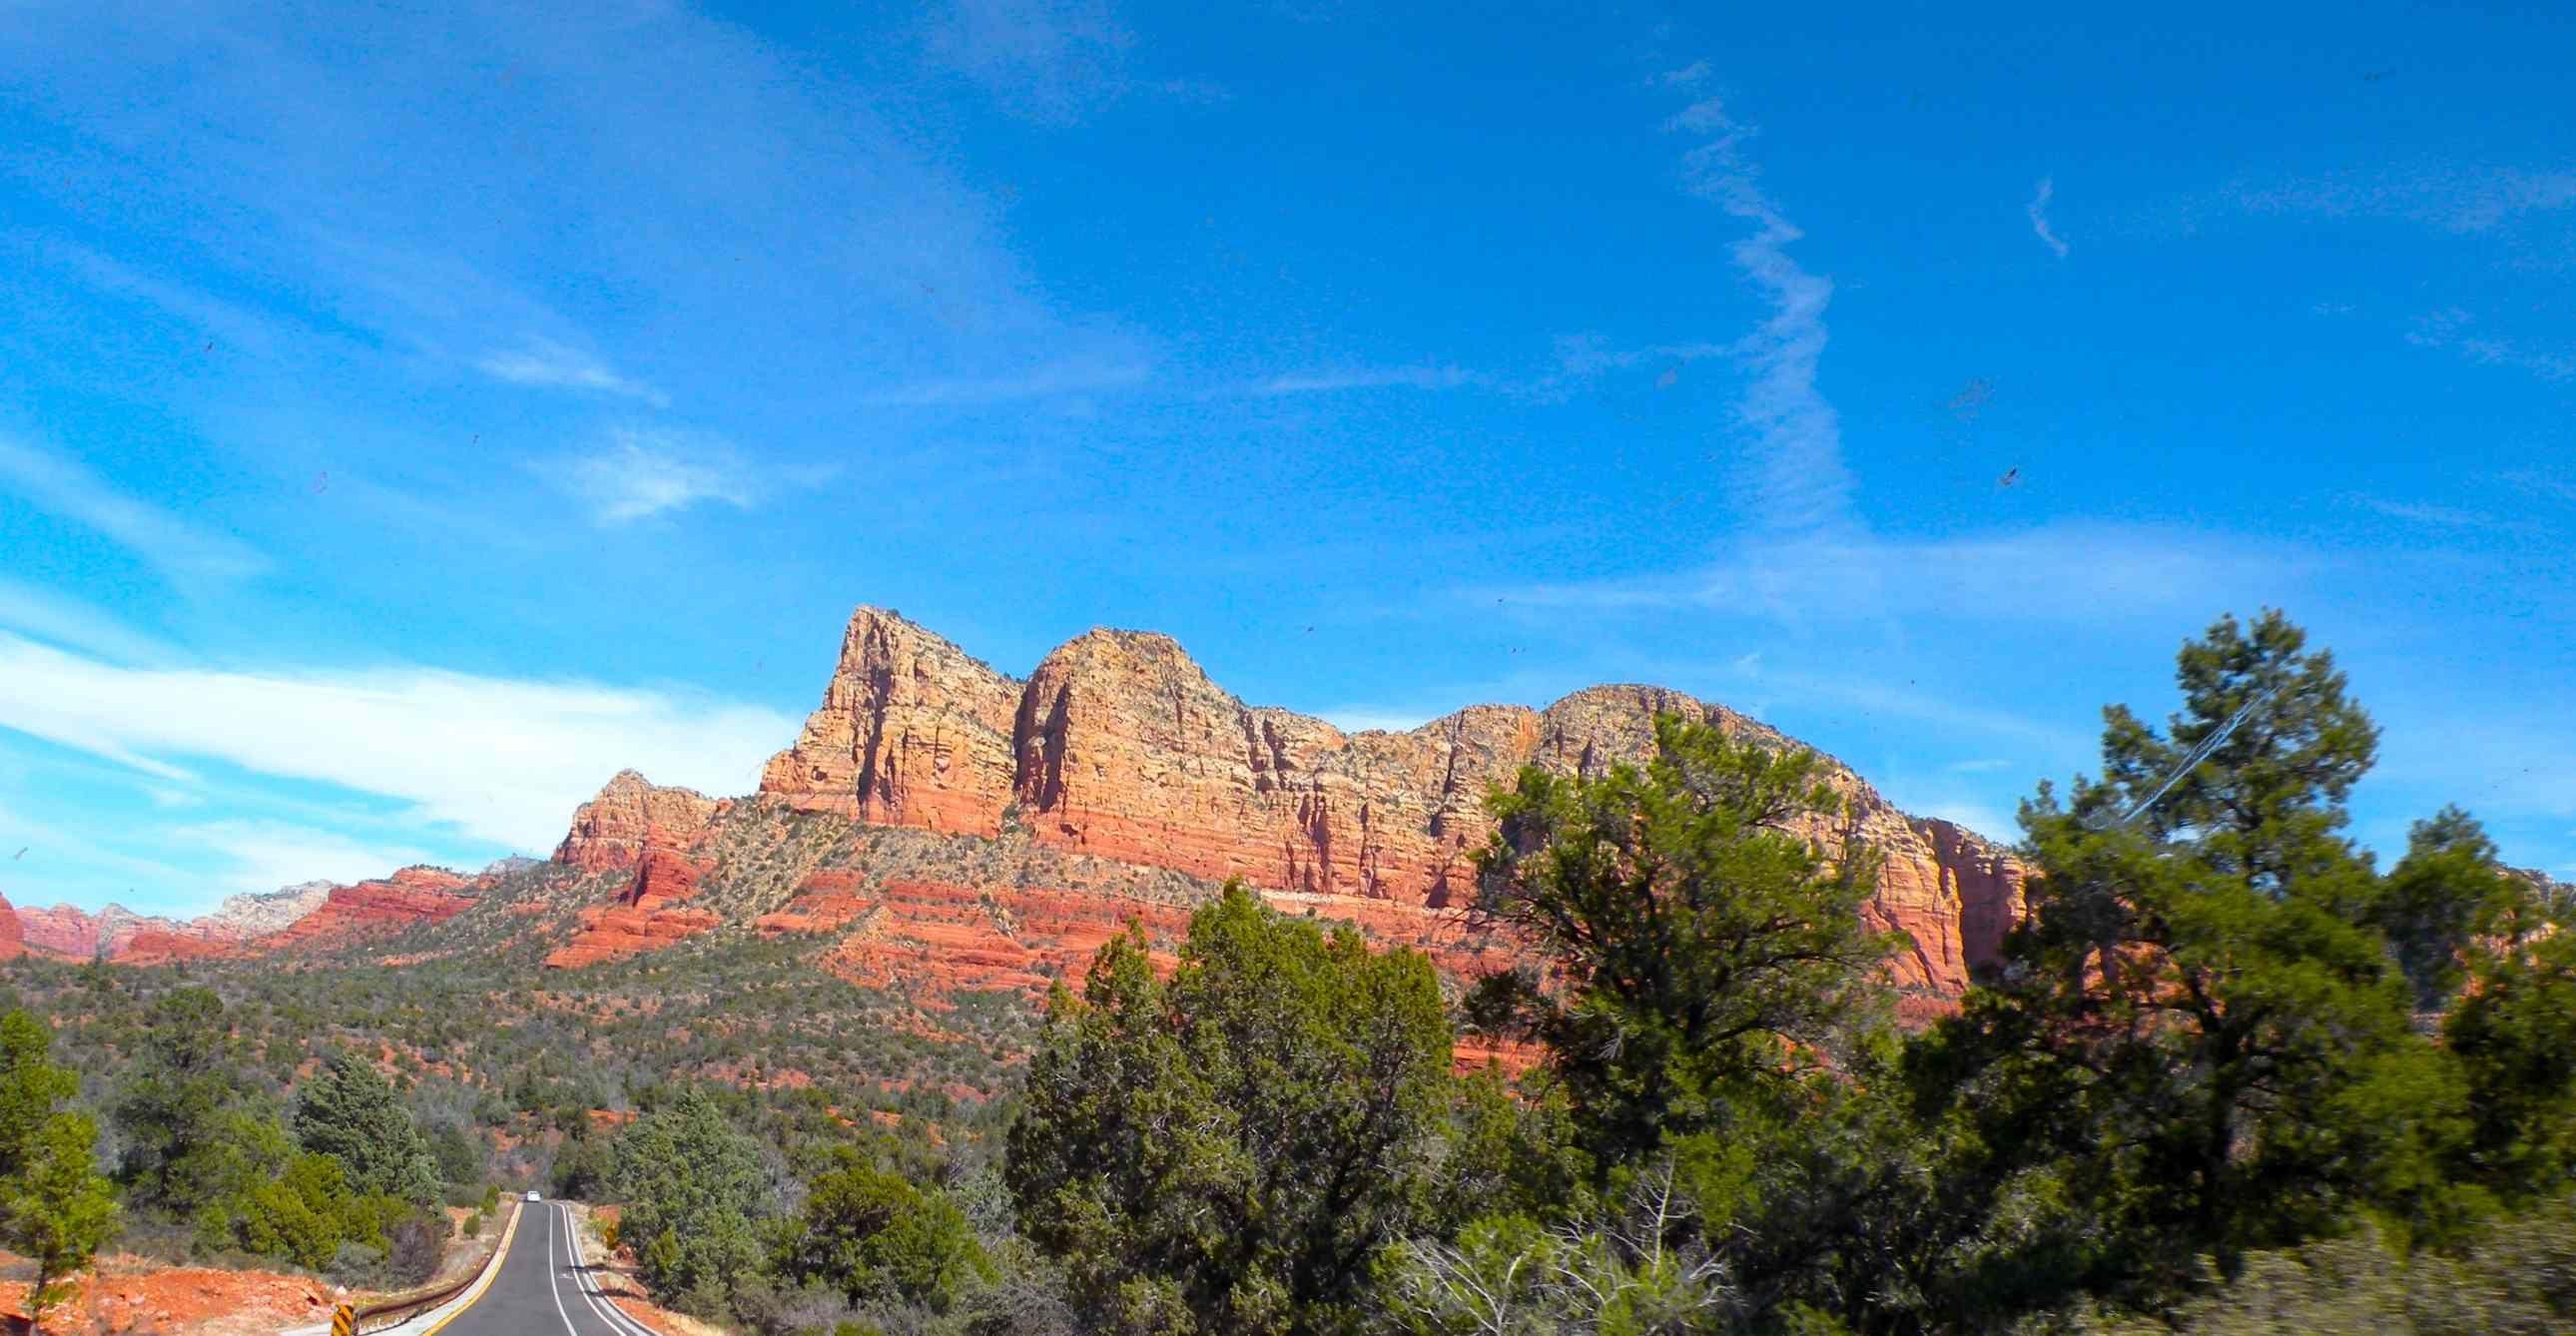 RVing Sedona Arizona Red Rock Canyons, Hot Air Balloons